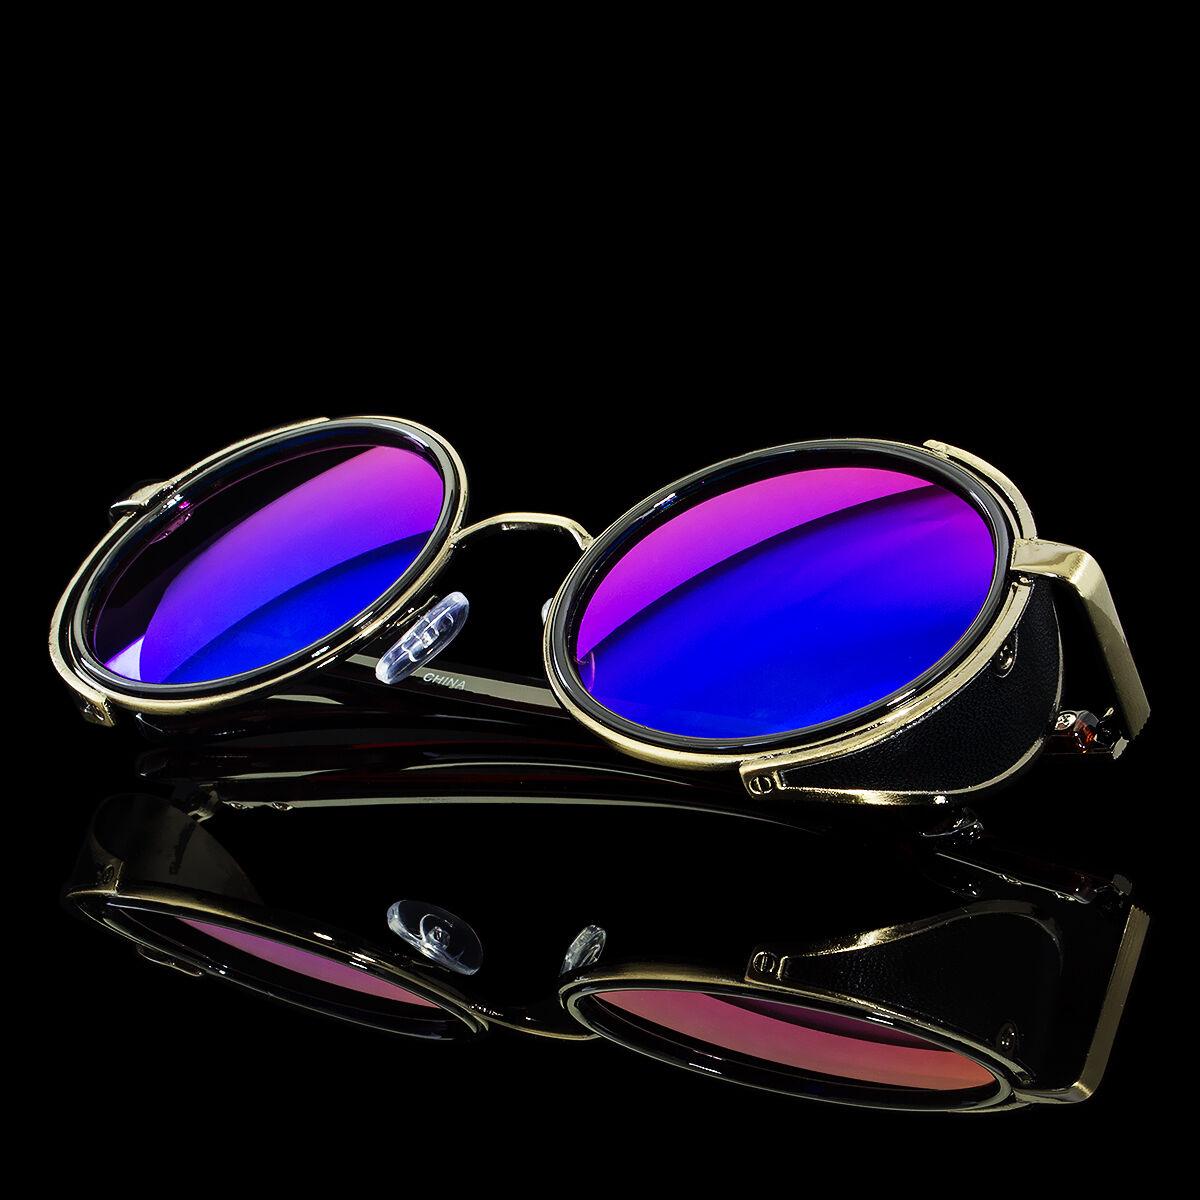 Мужские солнцезащитные очки Vintage Retro Mirror Round SUN Glasses Goggles  Steampunk Punk Sunglasses s - 262525334830 - купить на eBay.com (США) с  доставкой ... fcacbc8678e